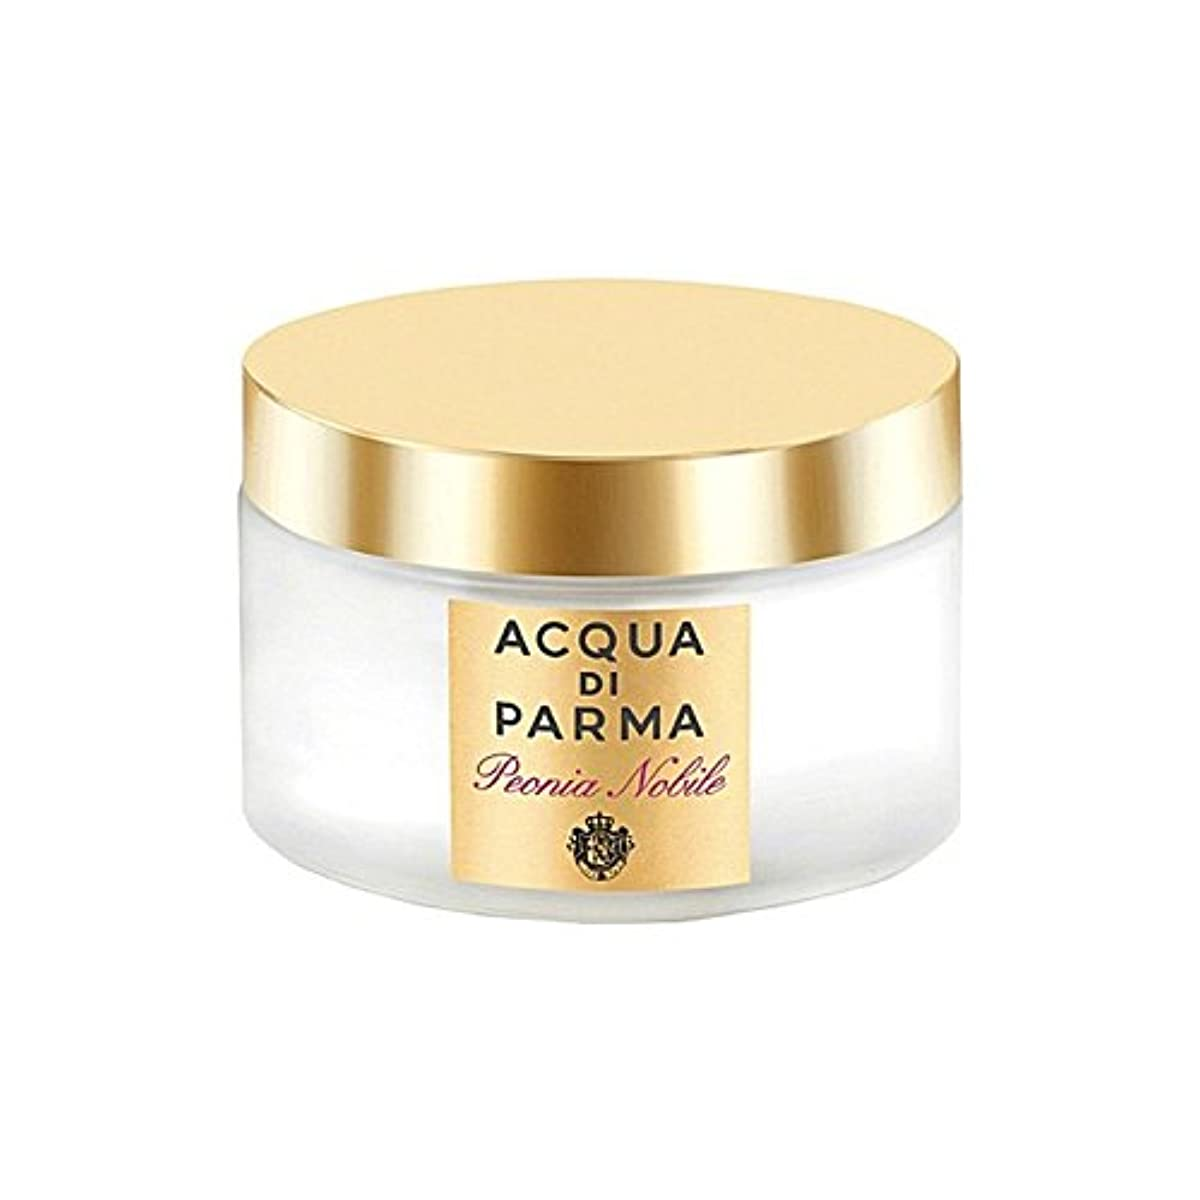 所得後ろに数学Acqua Di Parma Peonia Nobile Body Cream 150ml - アクアディパルマノビレボディクリーム150ミリリットル [並行輸入品]